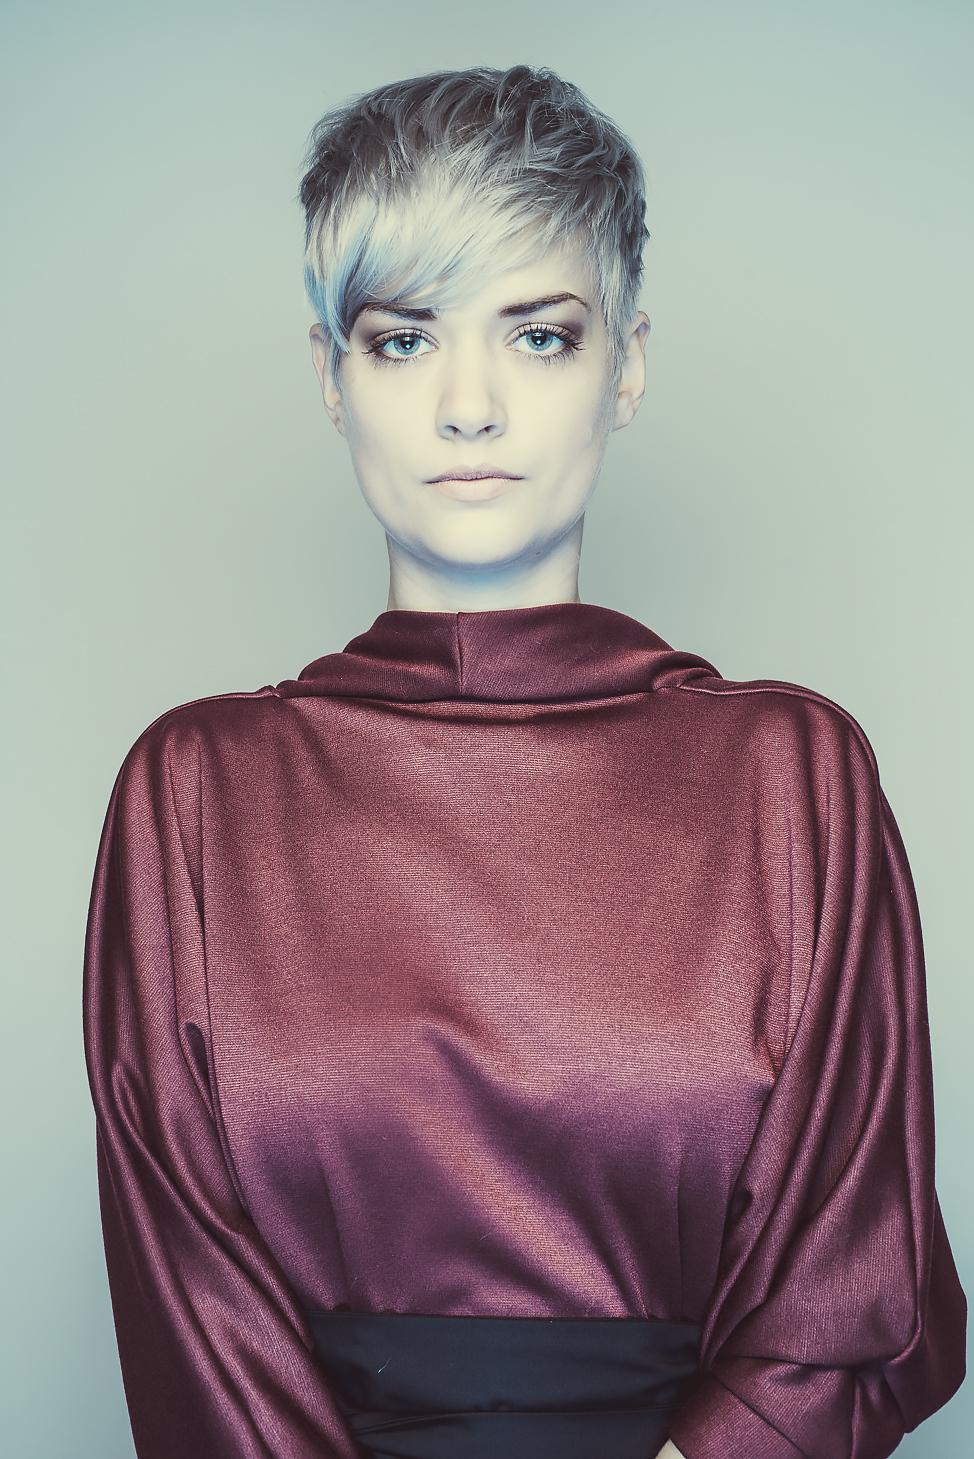 zaramia-ava-zaramiaava-leeds-fashion-designer-ethical-sustainable-tailored-minimalist-aya-burgundy-dress-obi-belt-black-versatile-drape-cowl-styling-womenswear-models-photoshoot-shrine-hairdressers-6